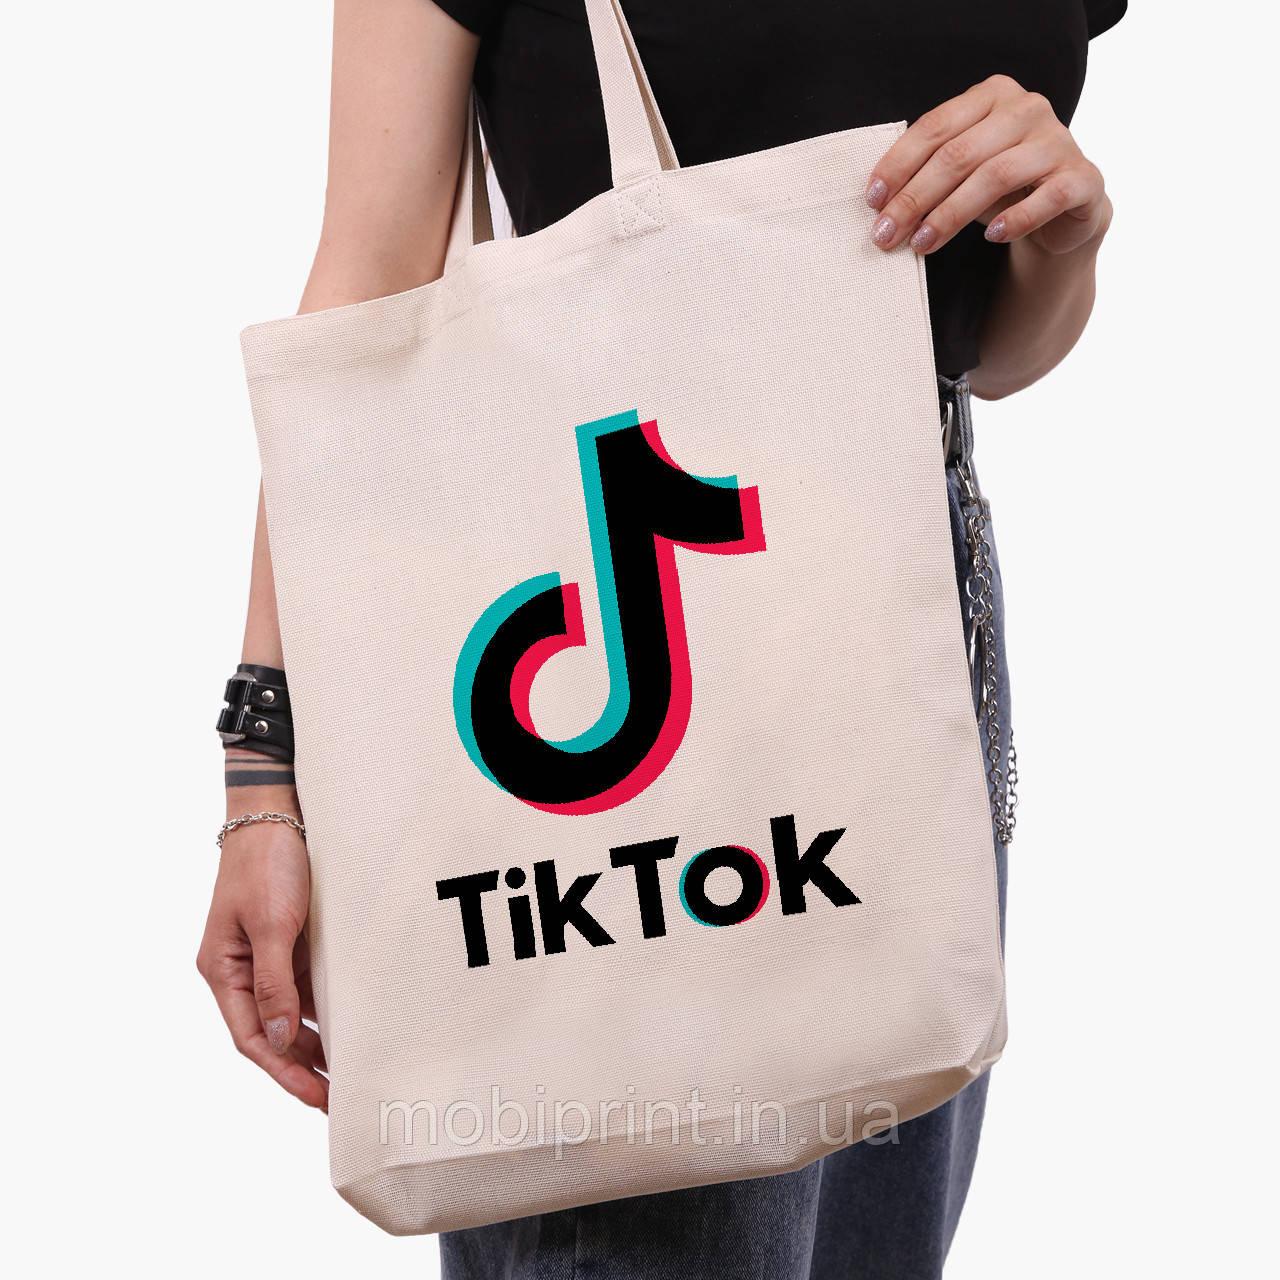 Еко сумка шоппер біла ТикТок (TikTok) (9227-1389-1) 41*39*8 см